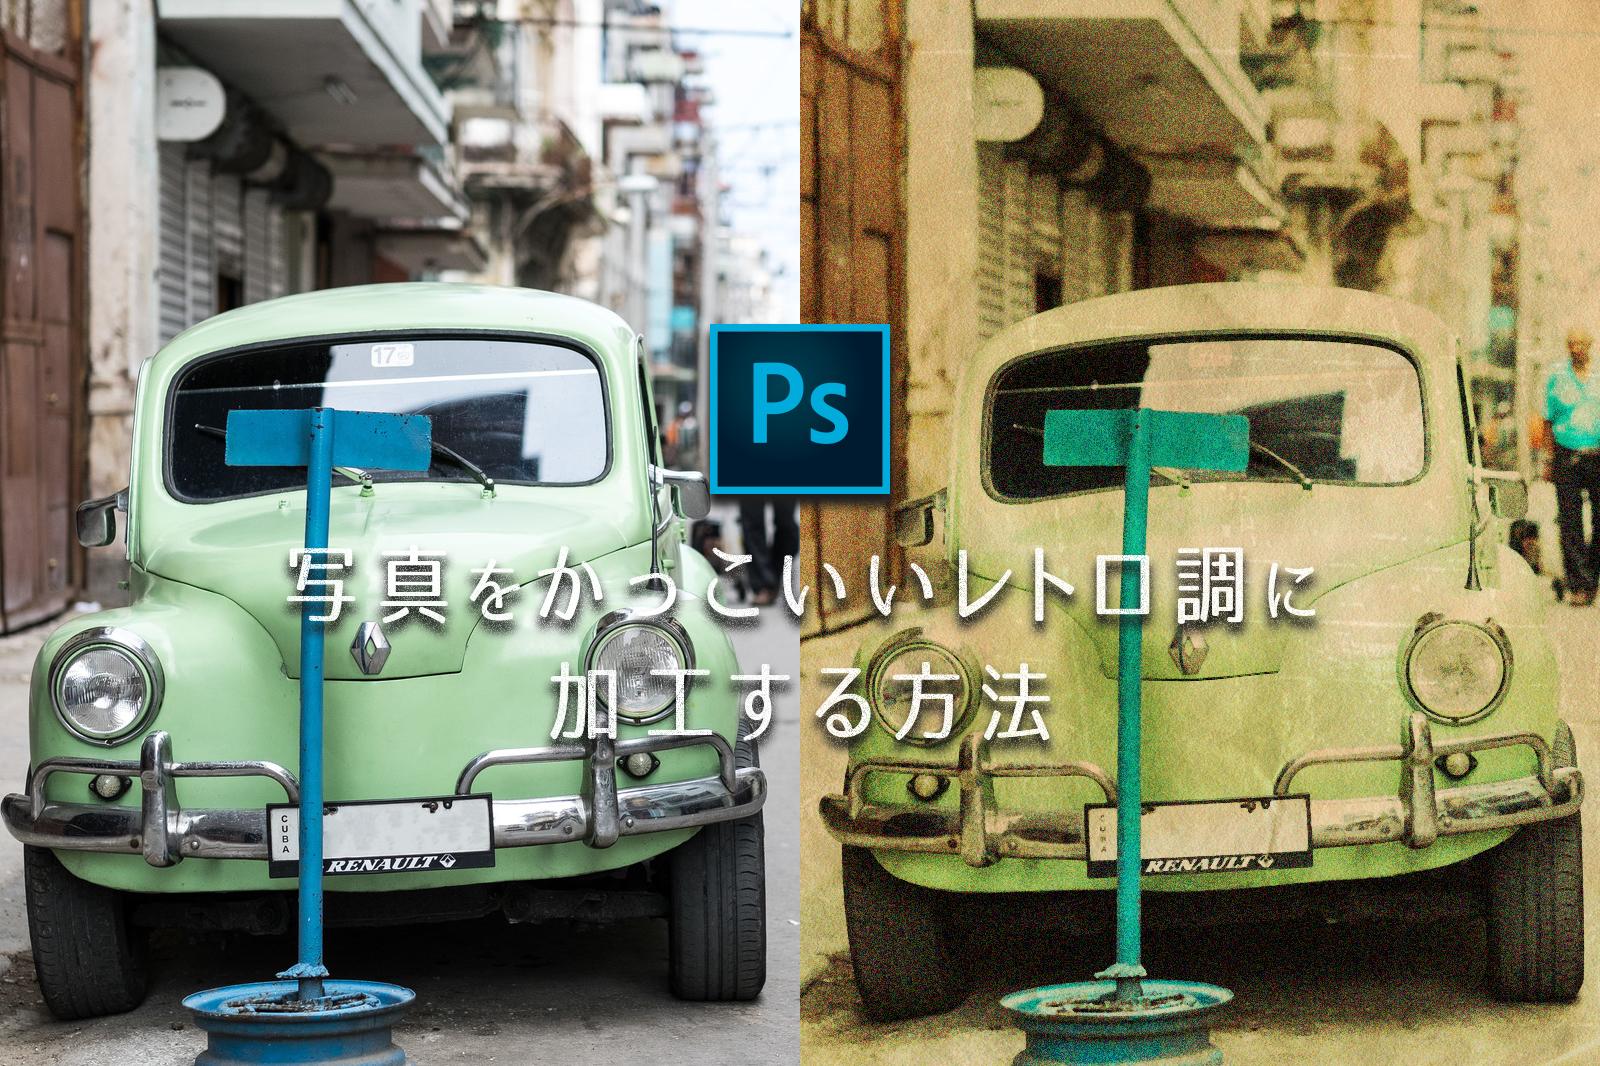 【Photoshop】写真をかっこいいレトロ調に加工する方法のサムネイル